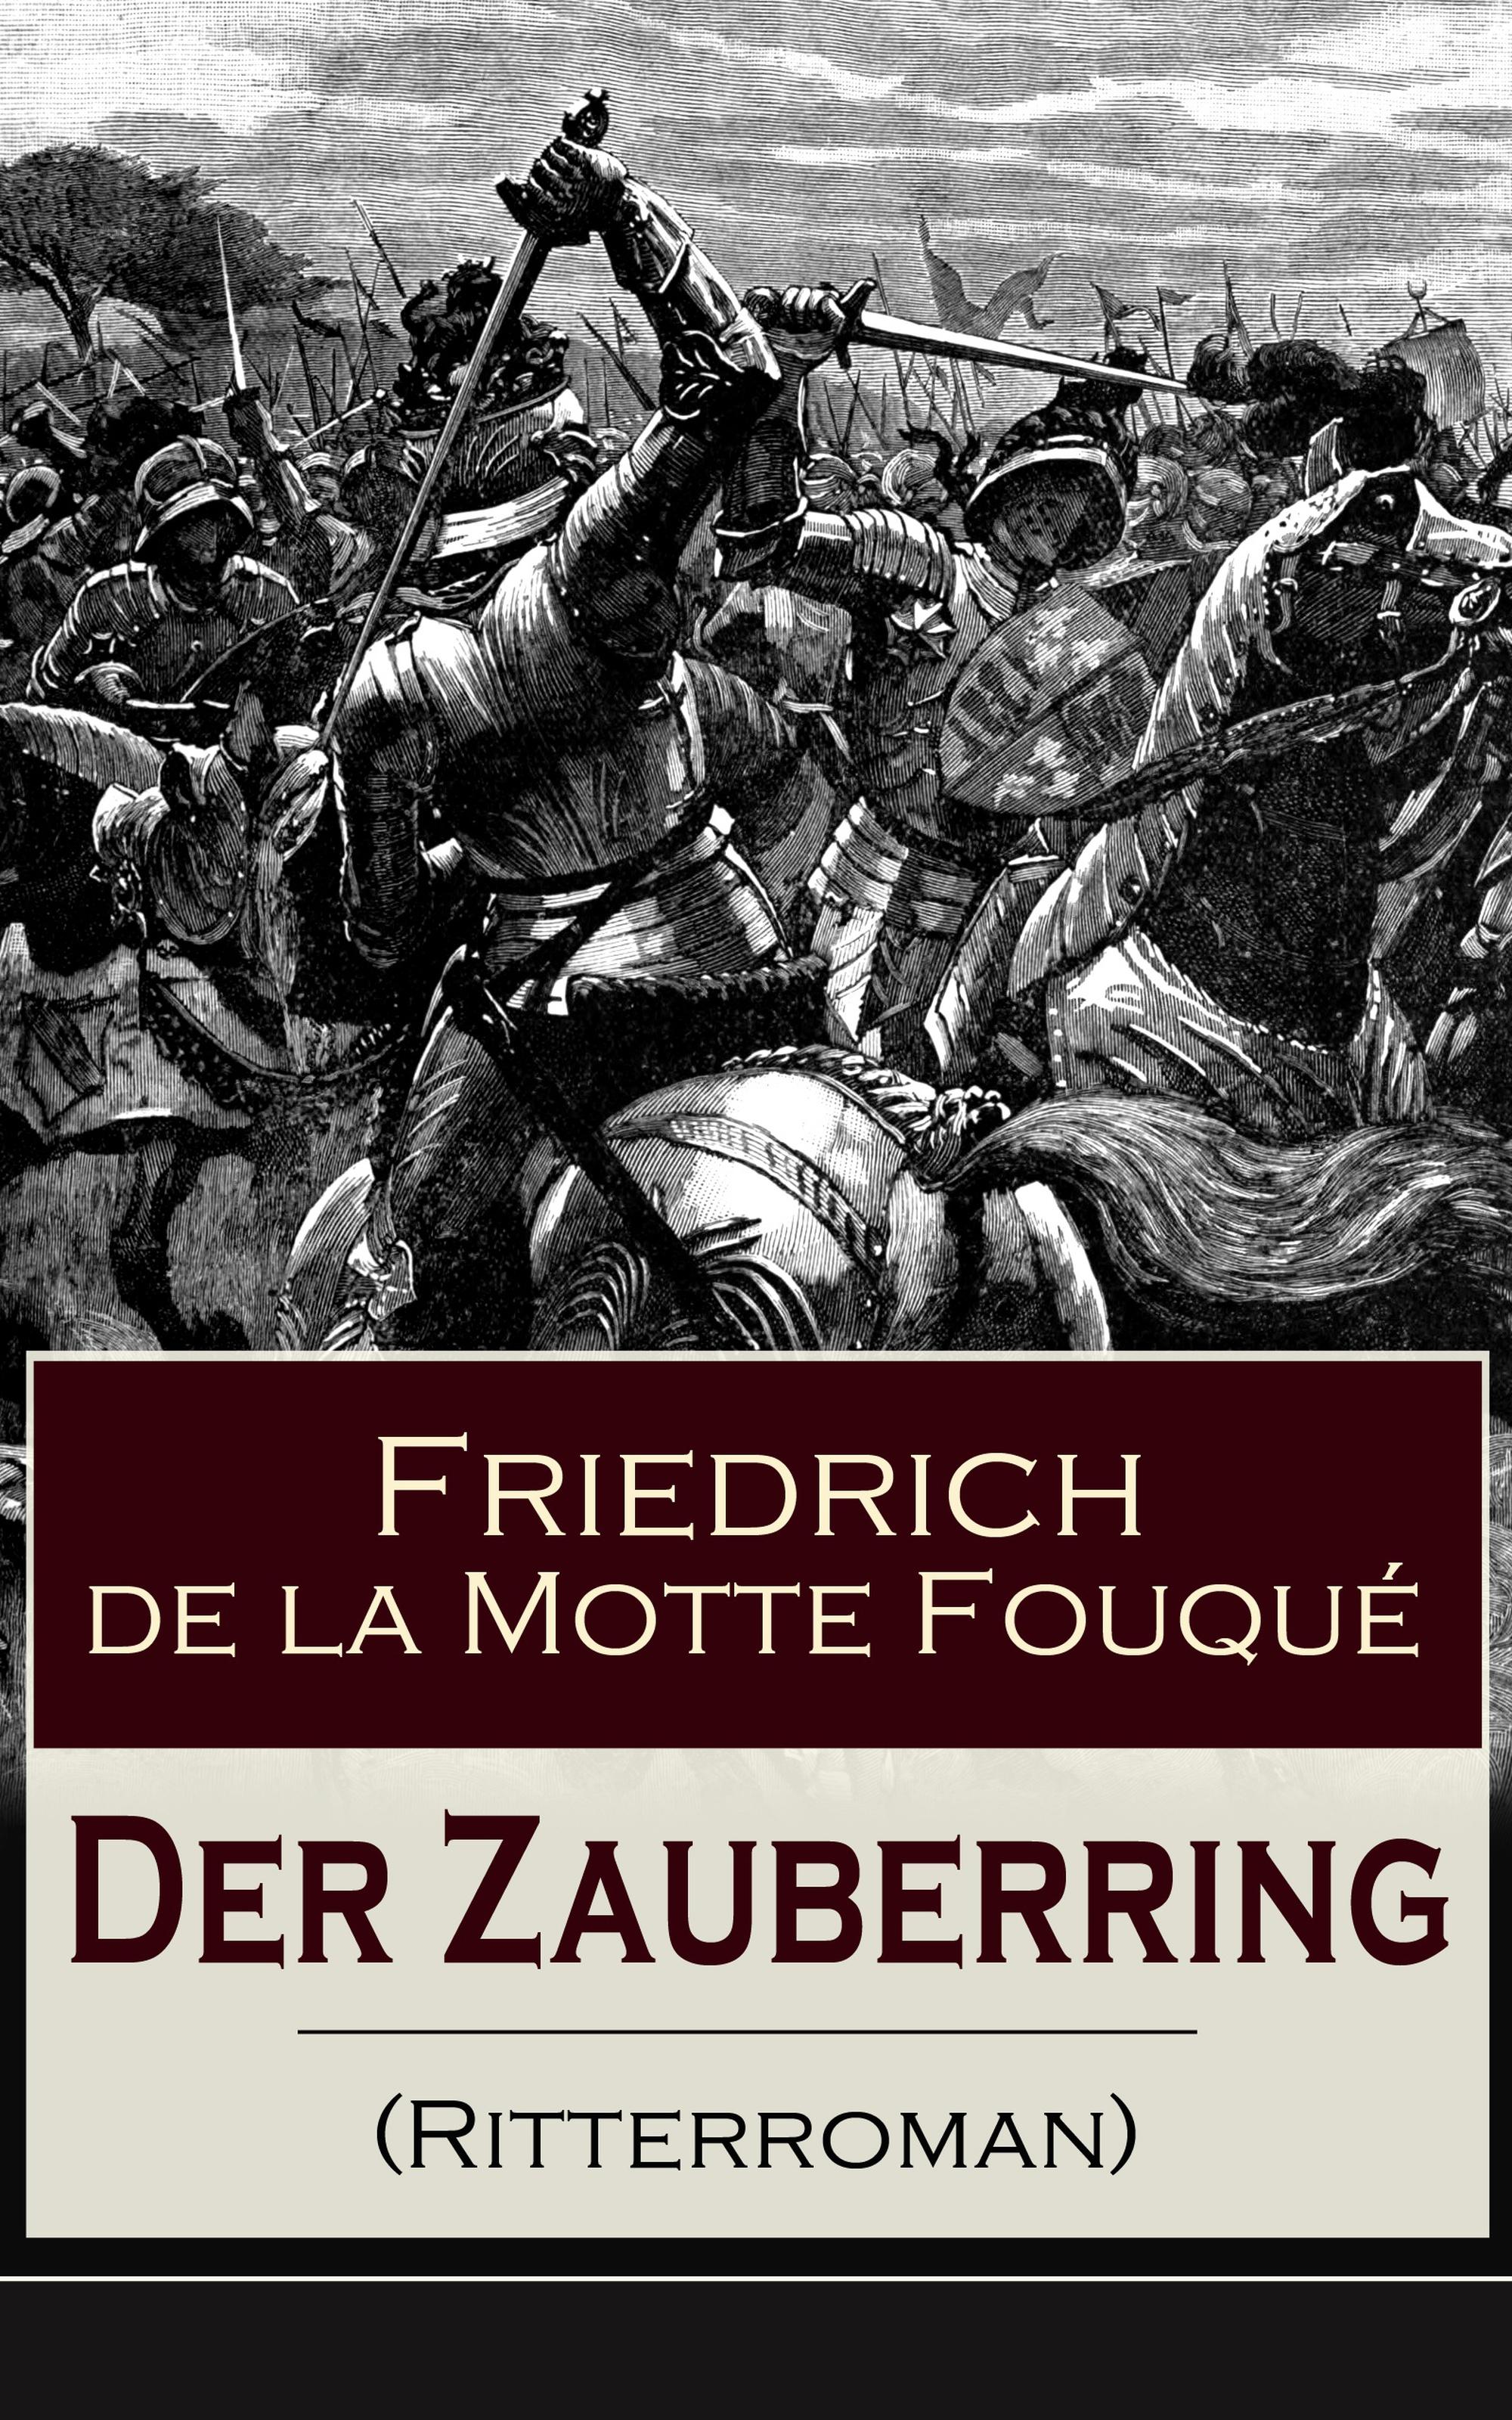 Friedrich de la Motte Fouque Der Zauberring (Ritterroman)